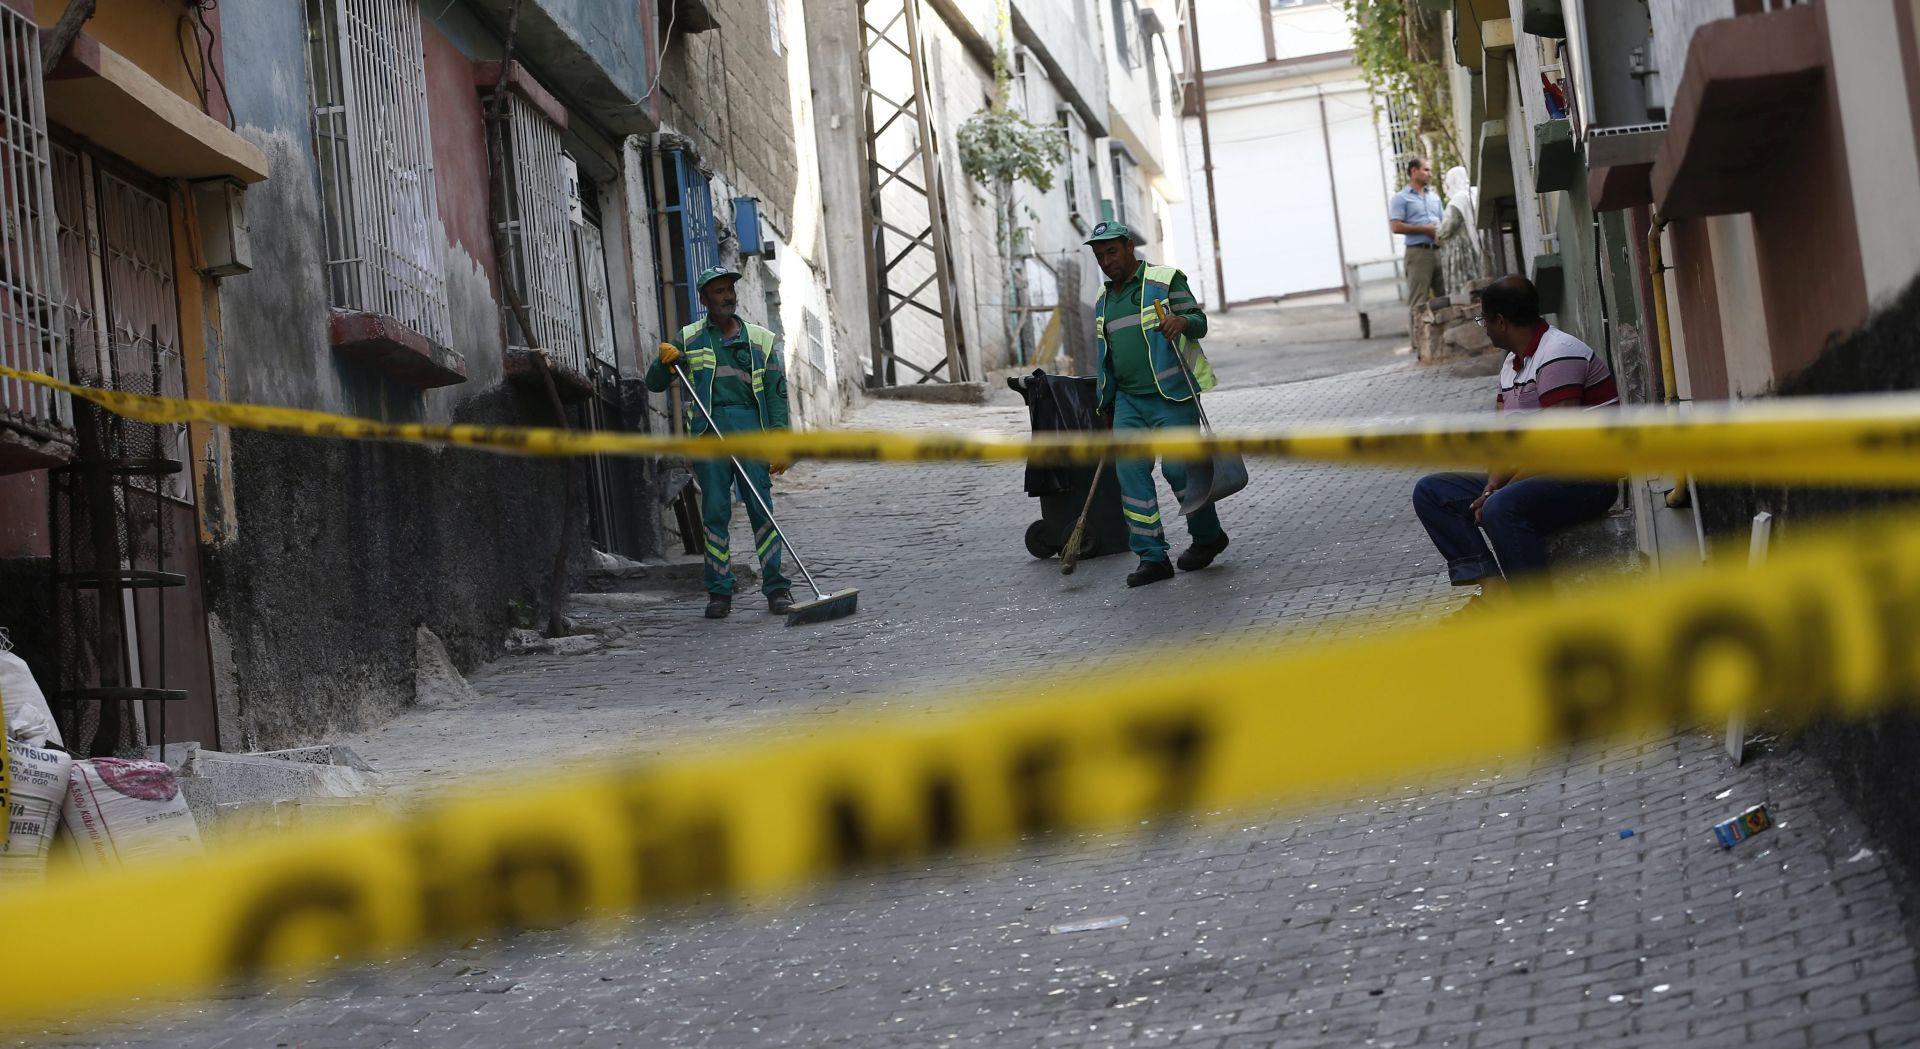 TRAGIČNO SVADBENO SLAVLJE U TURSKOJ Eksplozija ubila 30, ranila 94 ljudi, Erdogan krivi IS